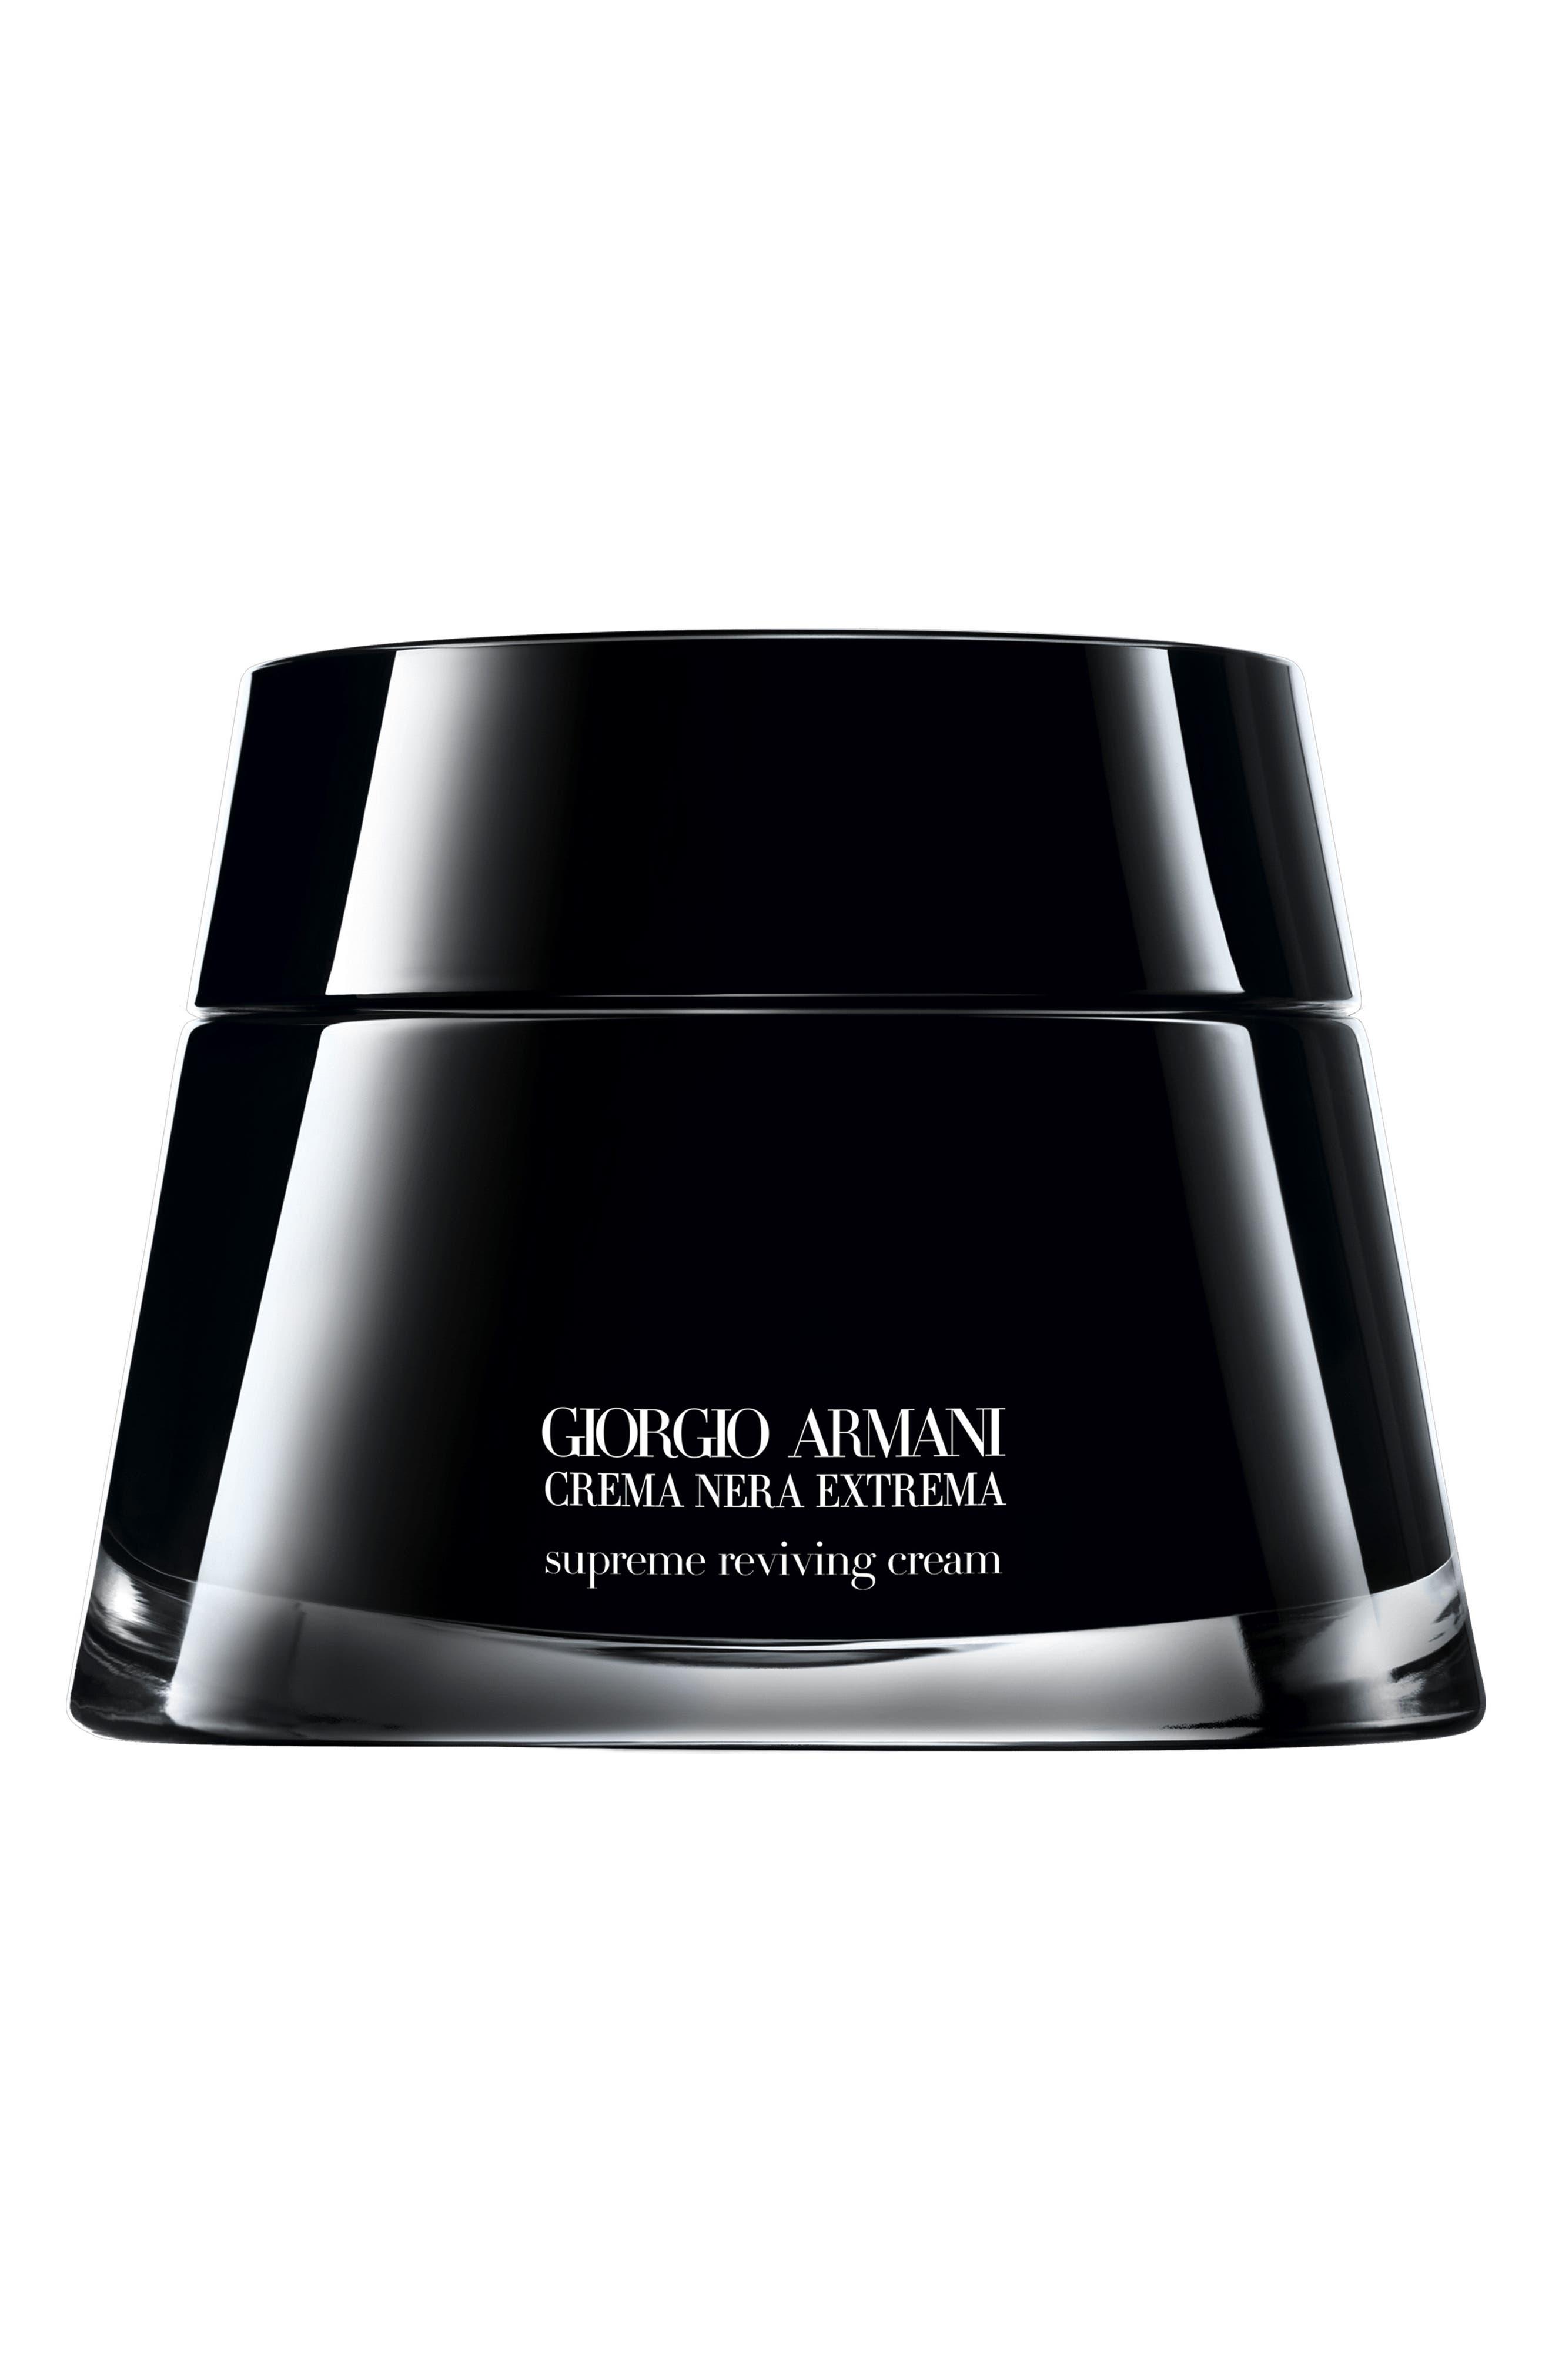 Giorgio Armani Crema Nera Extrema Supreme Reviving Cream (Limited Edition)